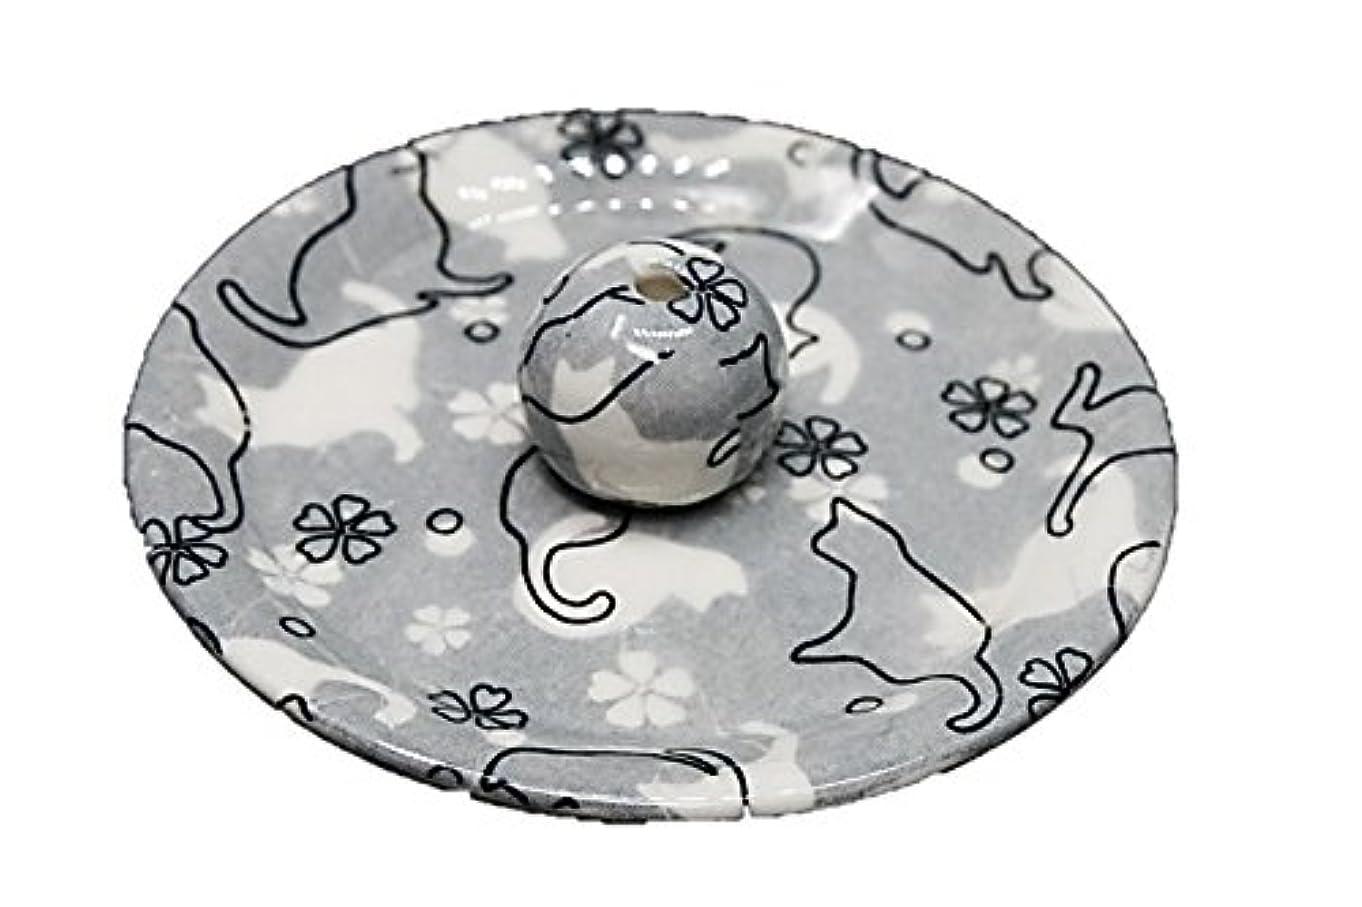 杖違法洞察力のある9-48 ねこランド(グレー) 9cm香皿 日本製 お香立て 陶器 猫柄